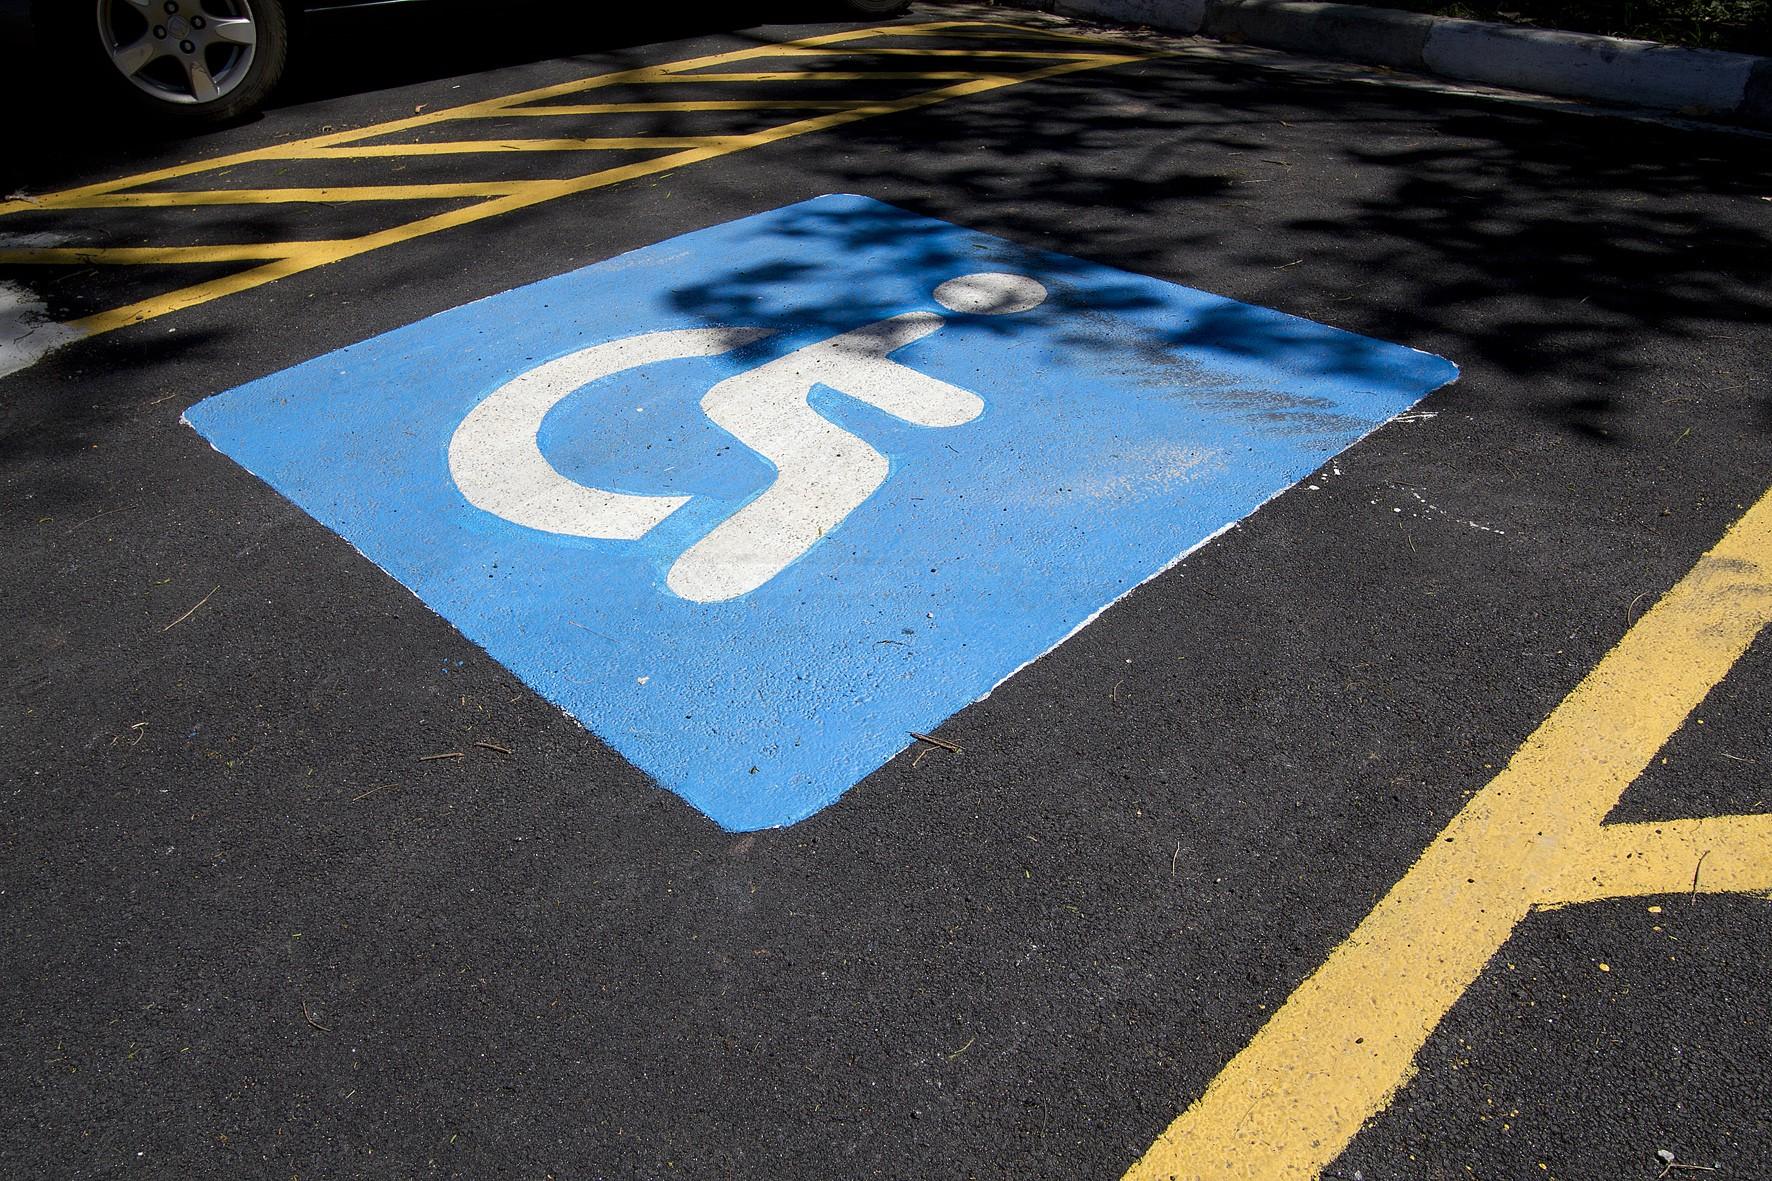 Estacionamentos devem ter lugares reservados a pessoas com deficiência motora. Crédito: Marcos Santos.